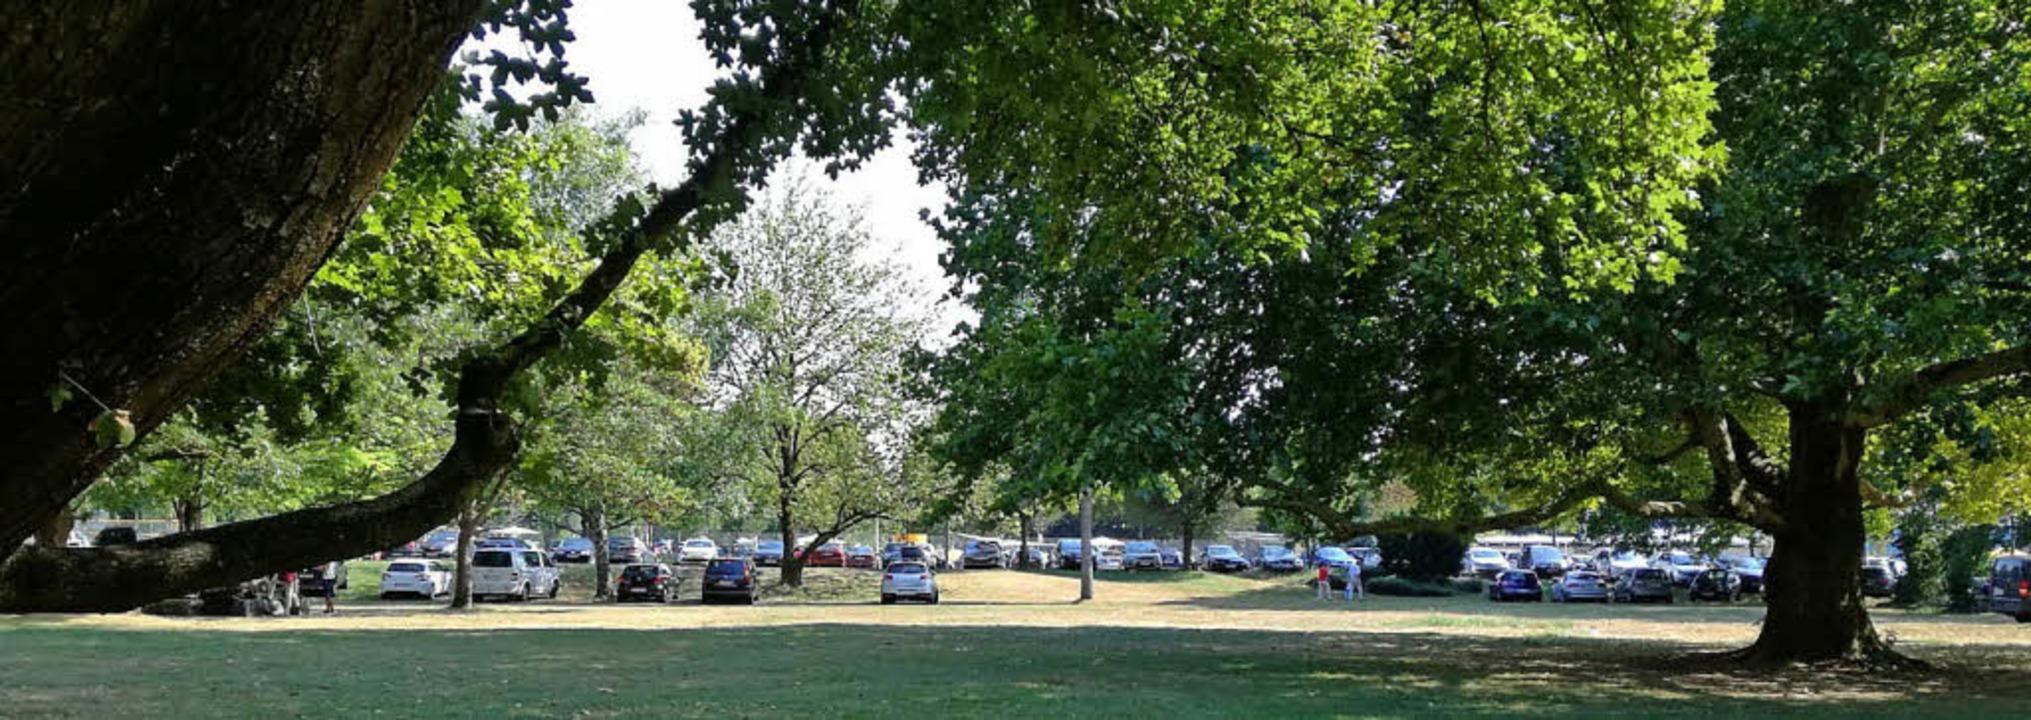 Bürgerpark(platz): Die Fotos entstande...rken verärgert Anwohner schon länger.     Foto: Barbara Buchele